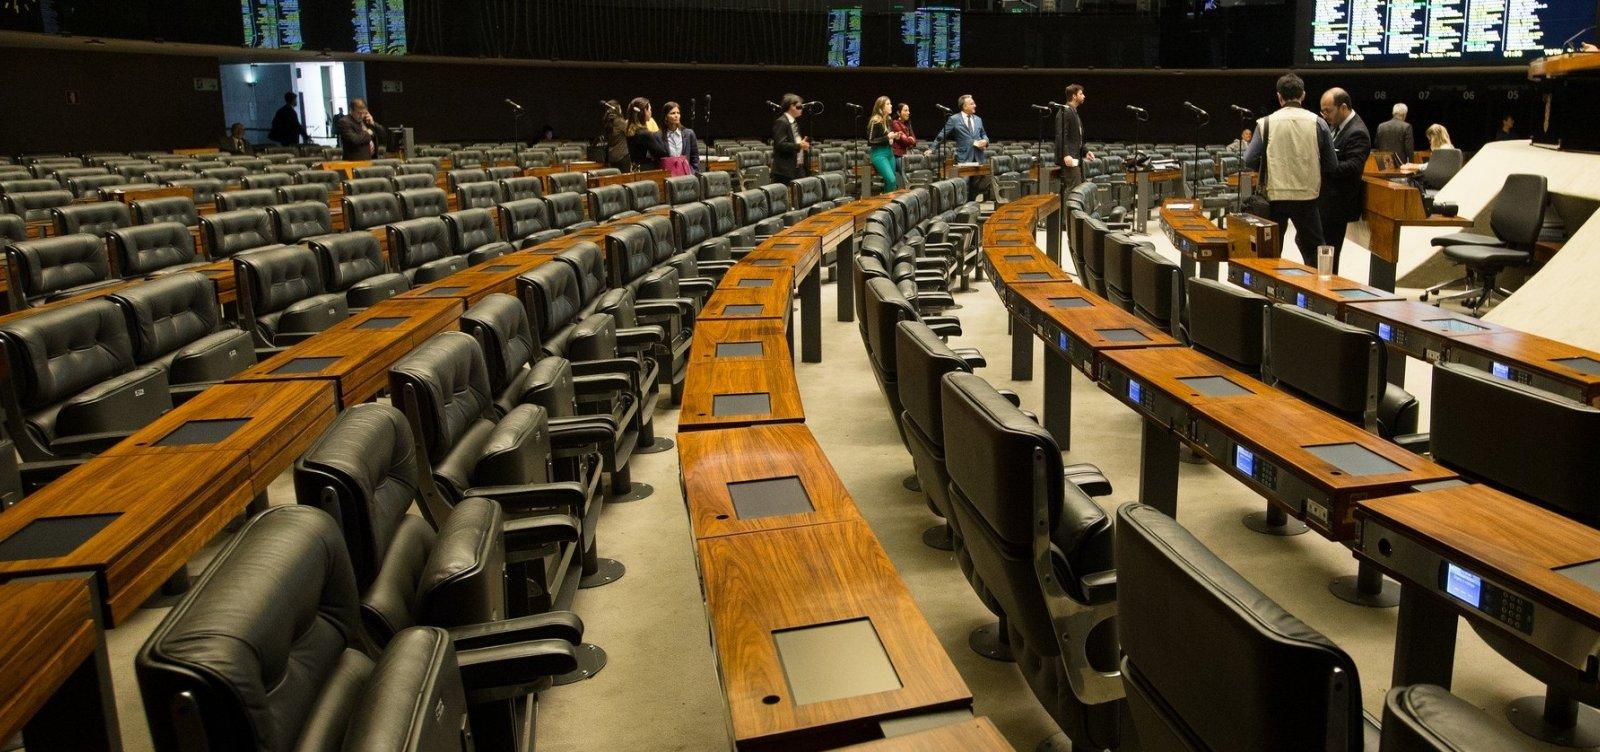 [Deputados baianos fazem 'faxina' no gabinete após perder eleição]